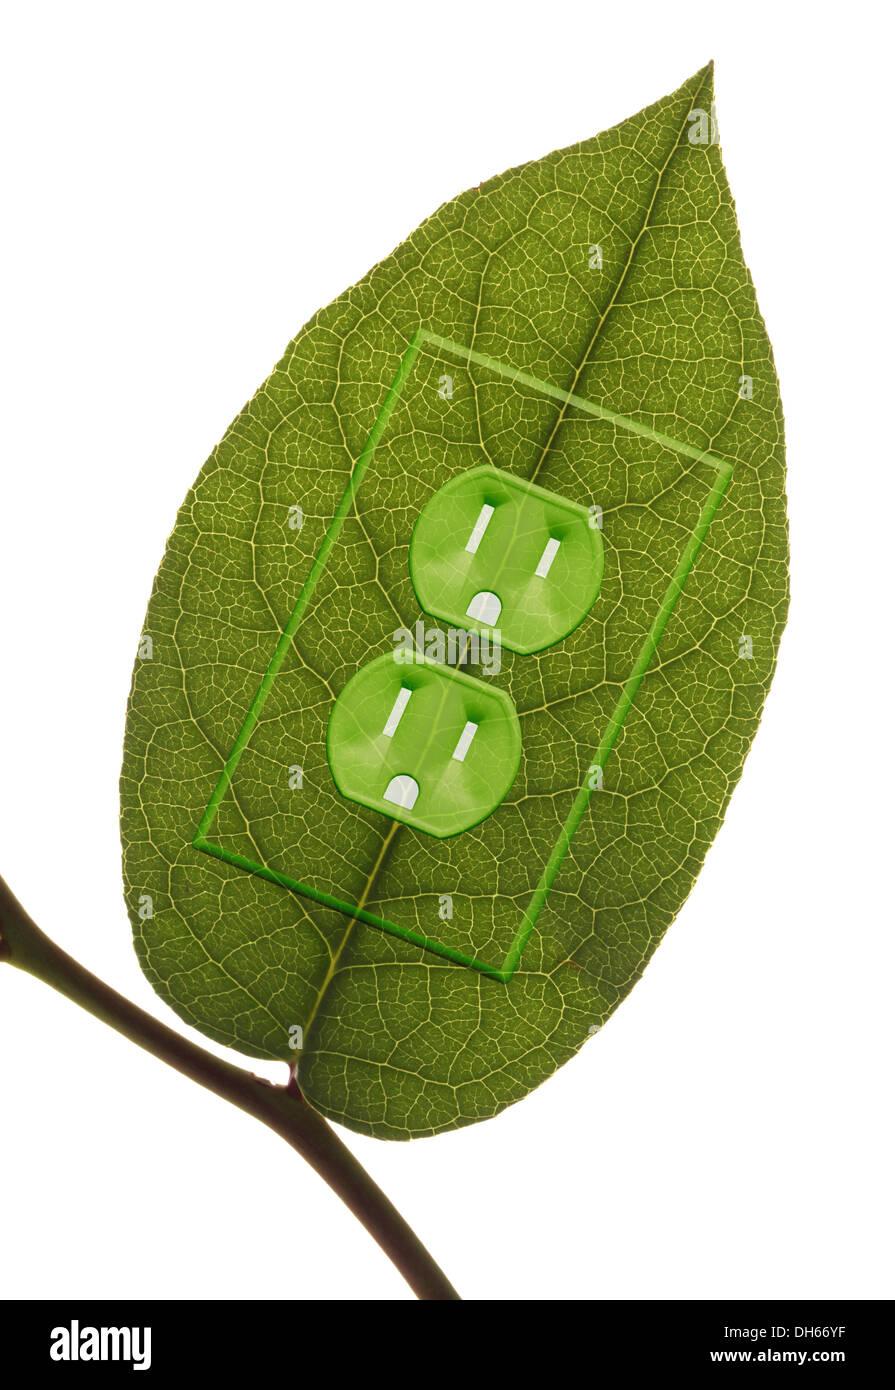 Una planta verde hoja sobre una rama con tomas eléctricas añadido de color verde. Imagen De Stock